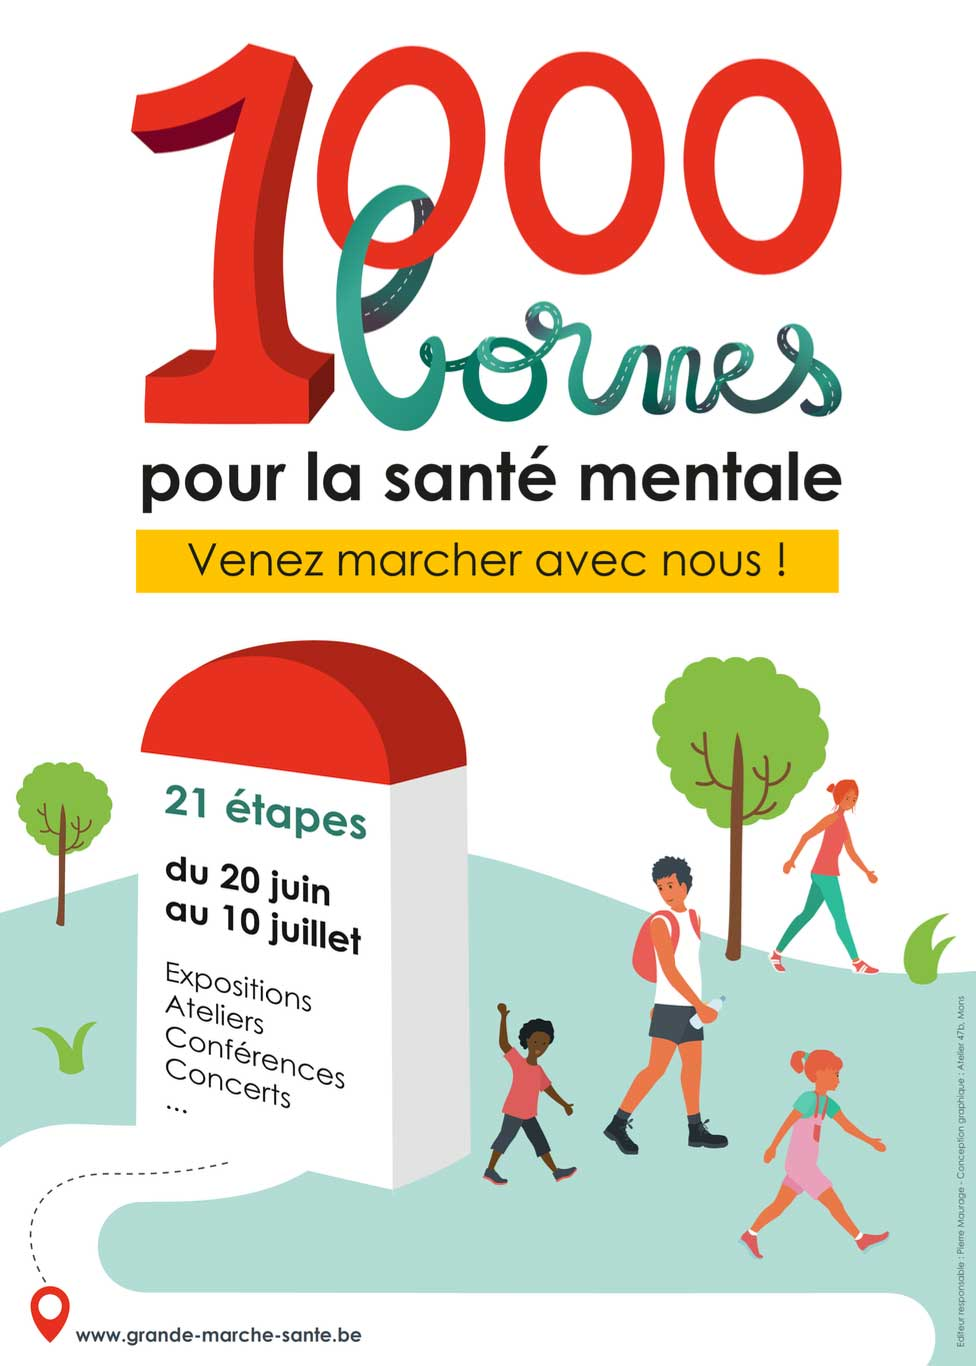 1000 bornes – La grande marche pour la santé mentale et le bien-être organisée à travers la Wallonie et à Bruxelles du 20 juin au 10 juillet 2021.